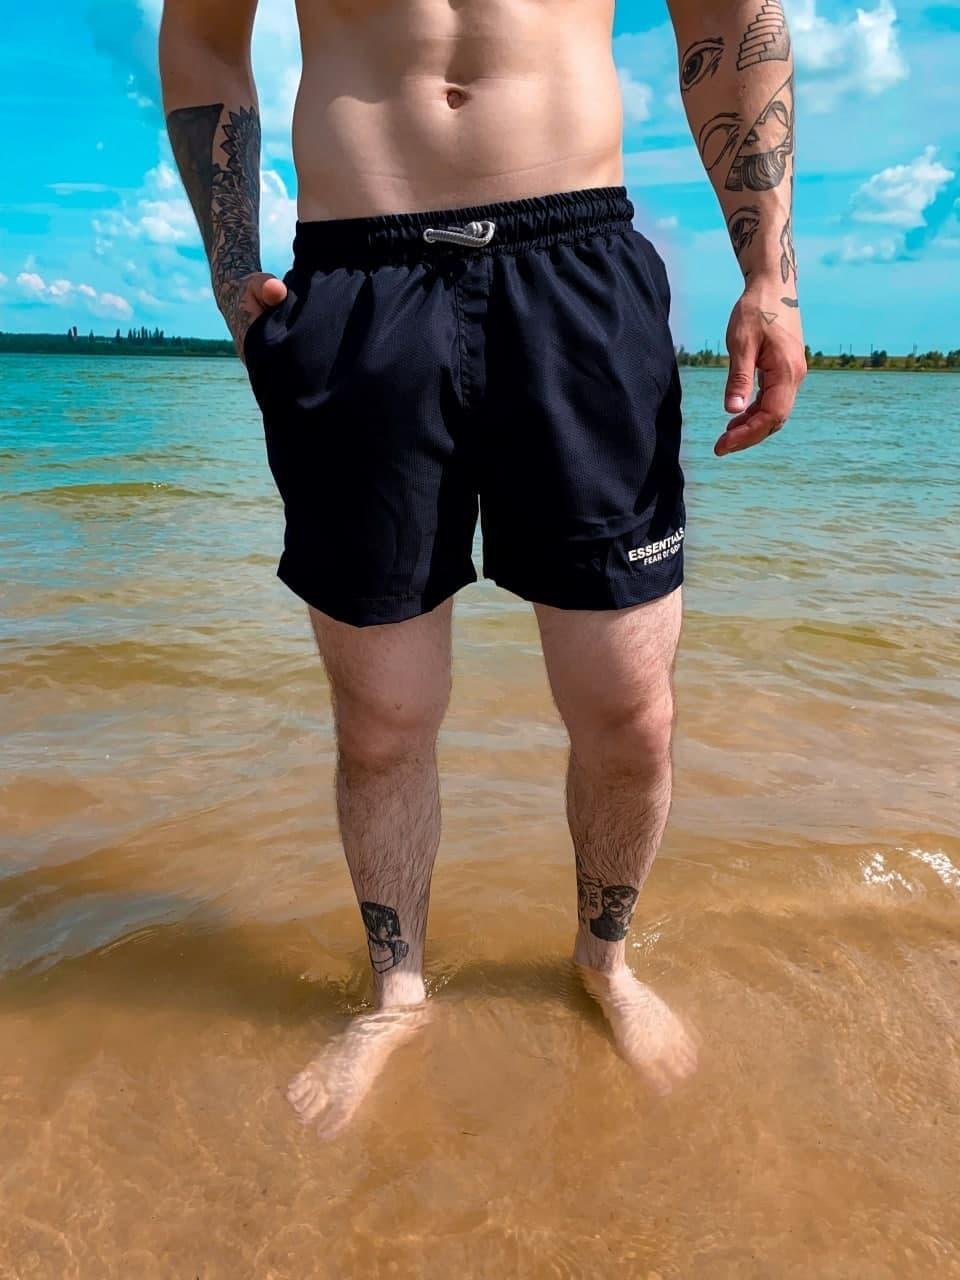 Чоловічі плавальні шорти з написом Palm Angels (чорні) класичні для пляжу на літо ssl17_plm